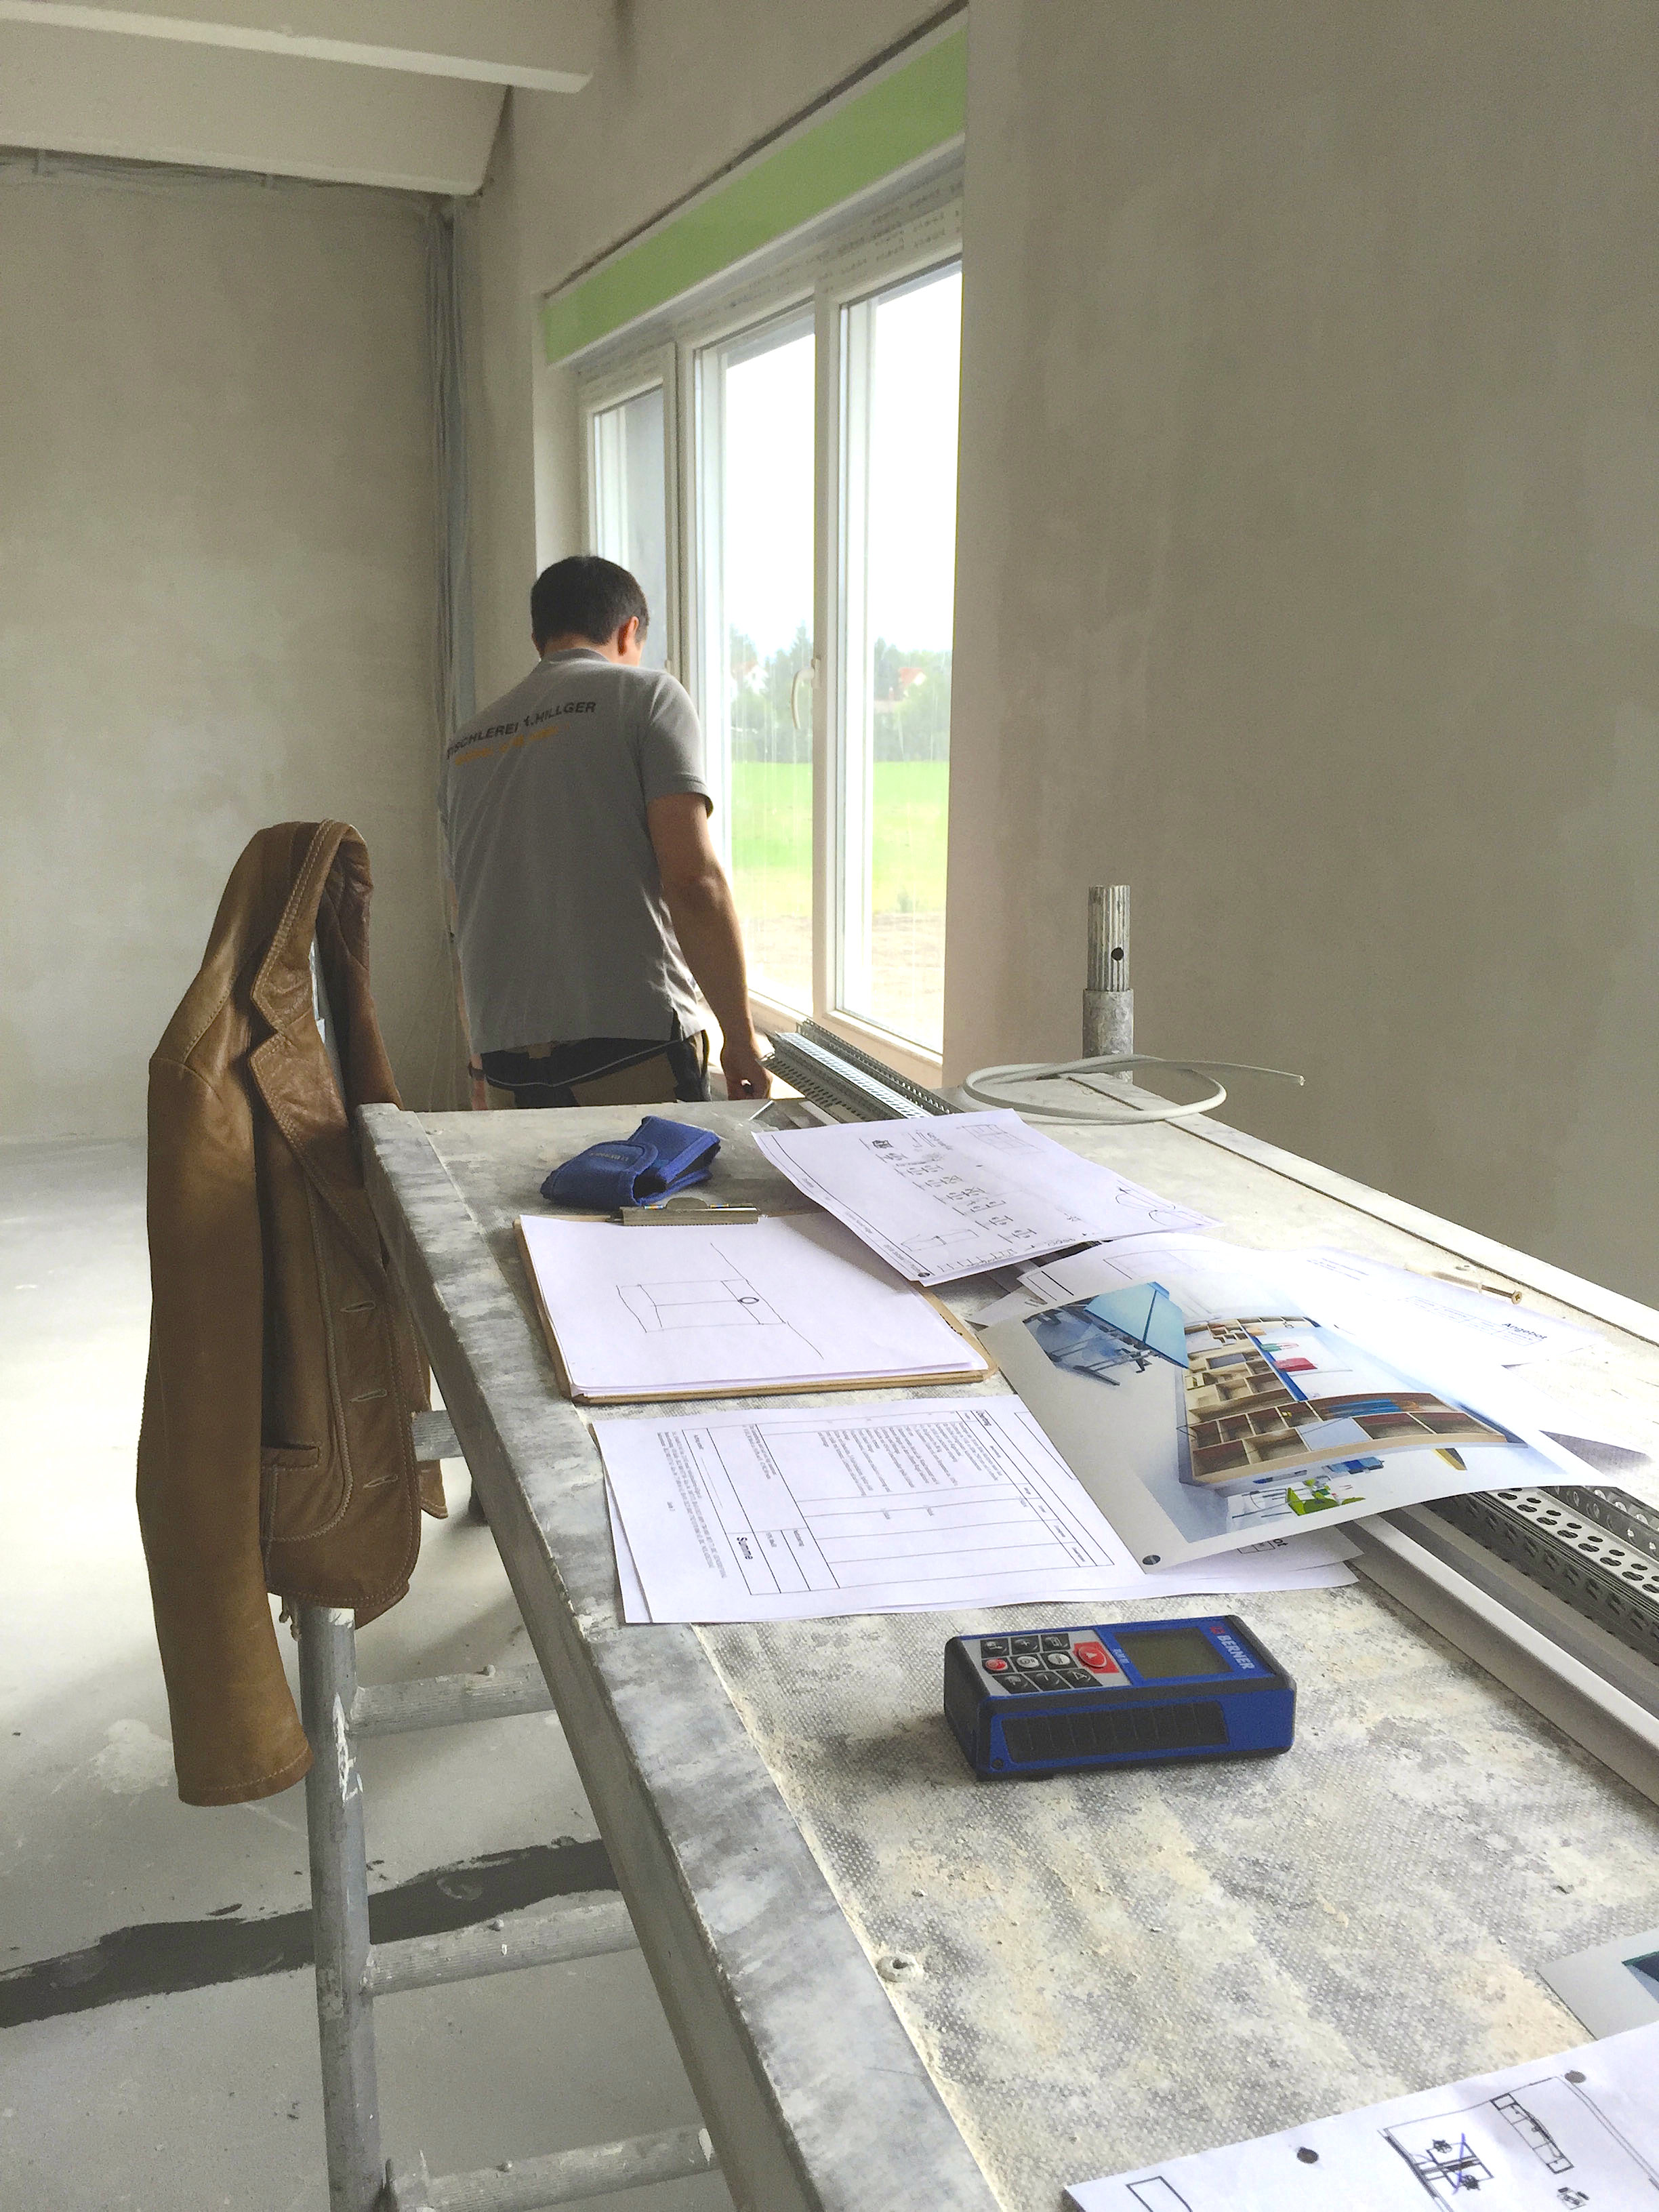 Vermessung, Ausmessung, Tischlerei, Tischlerei Hillger, Entwurf, Büroentwurf, Entwürfe